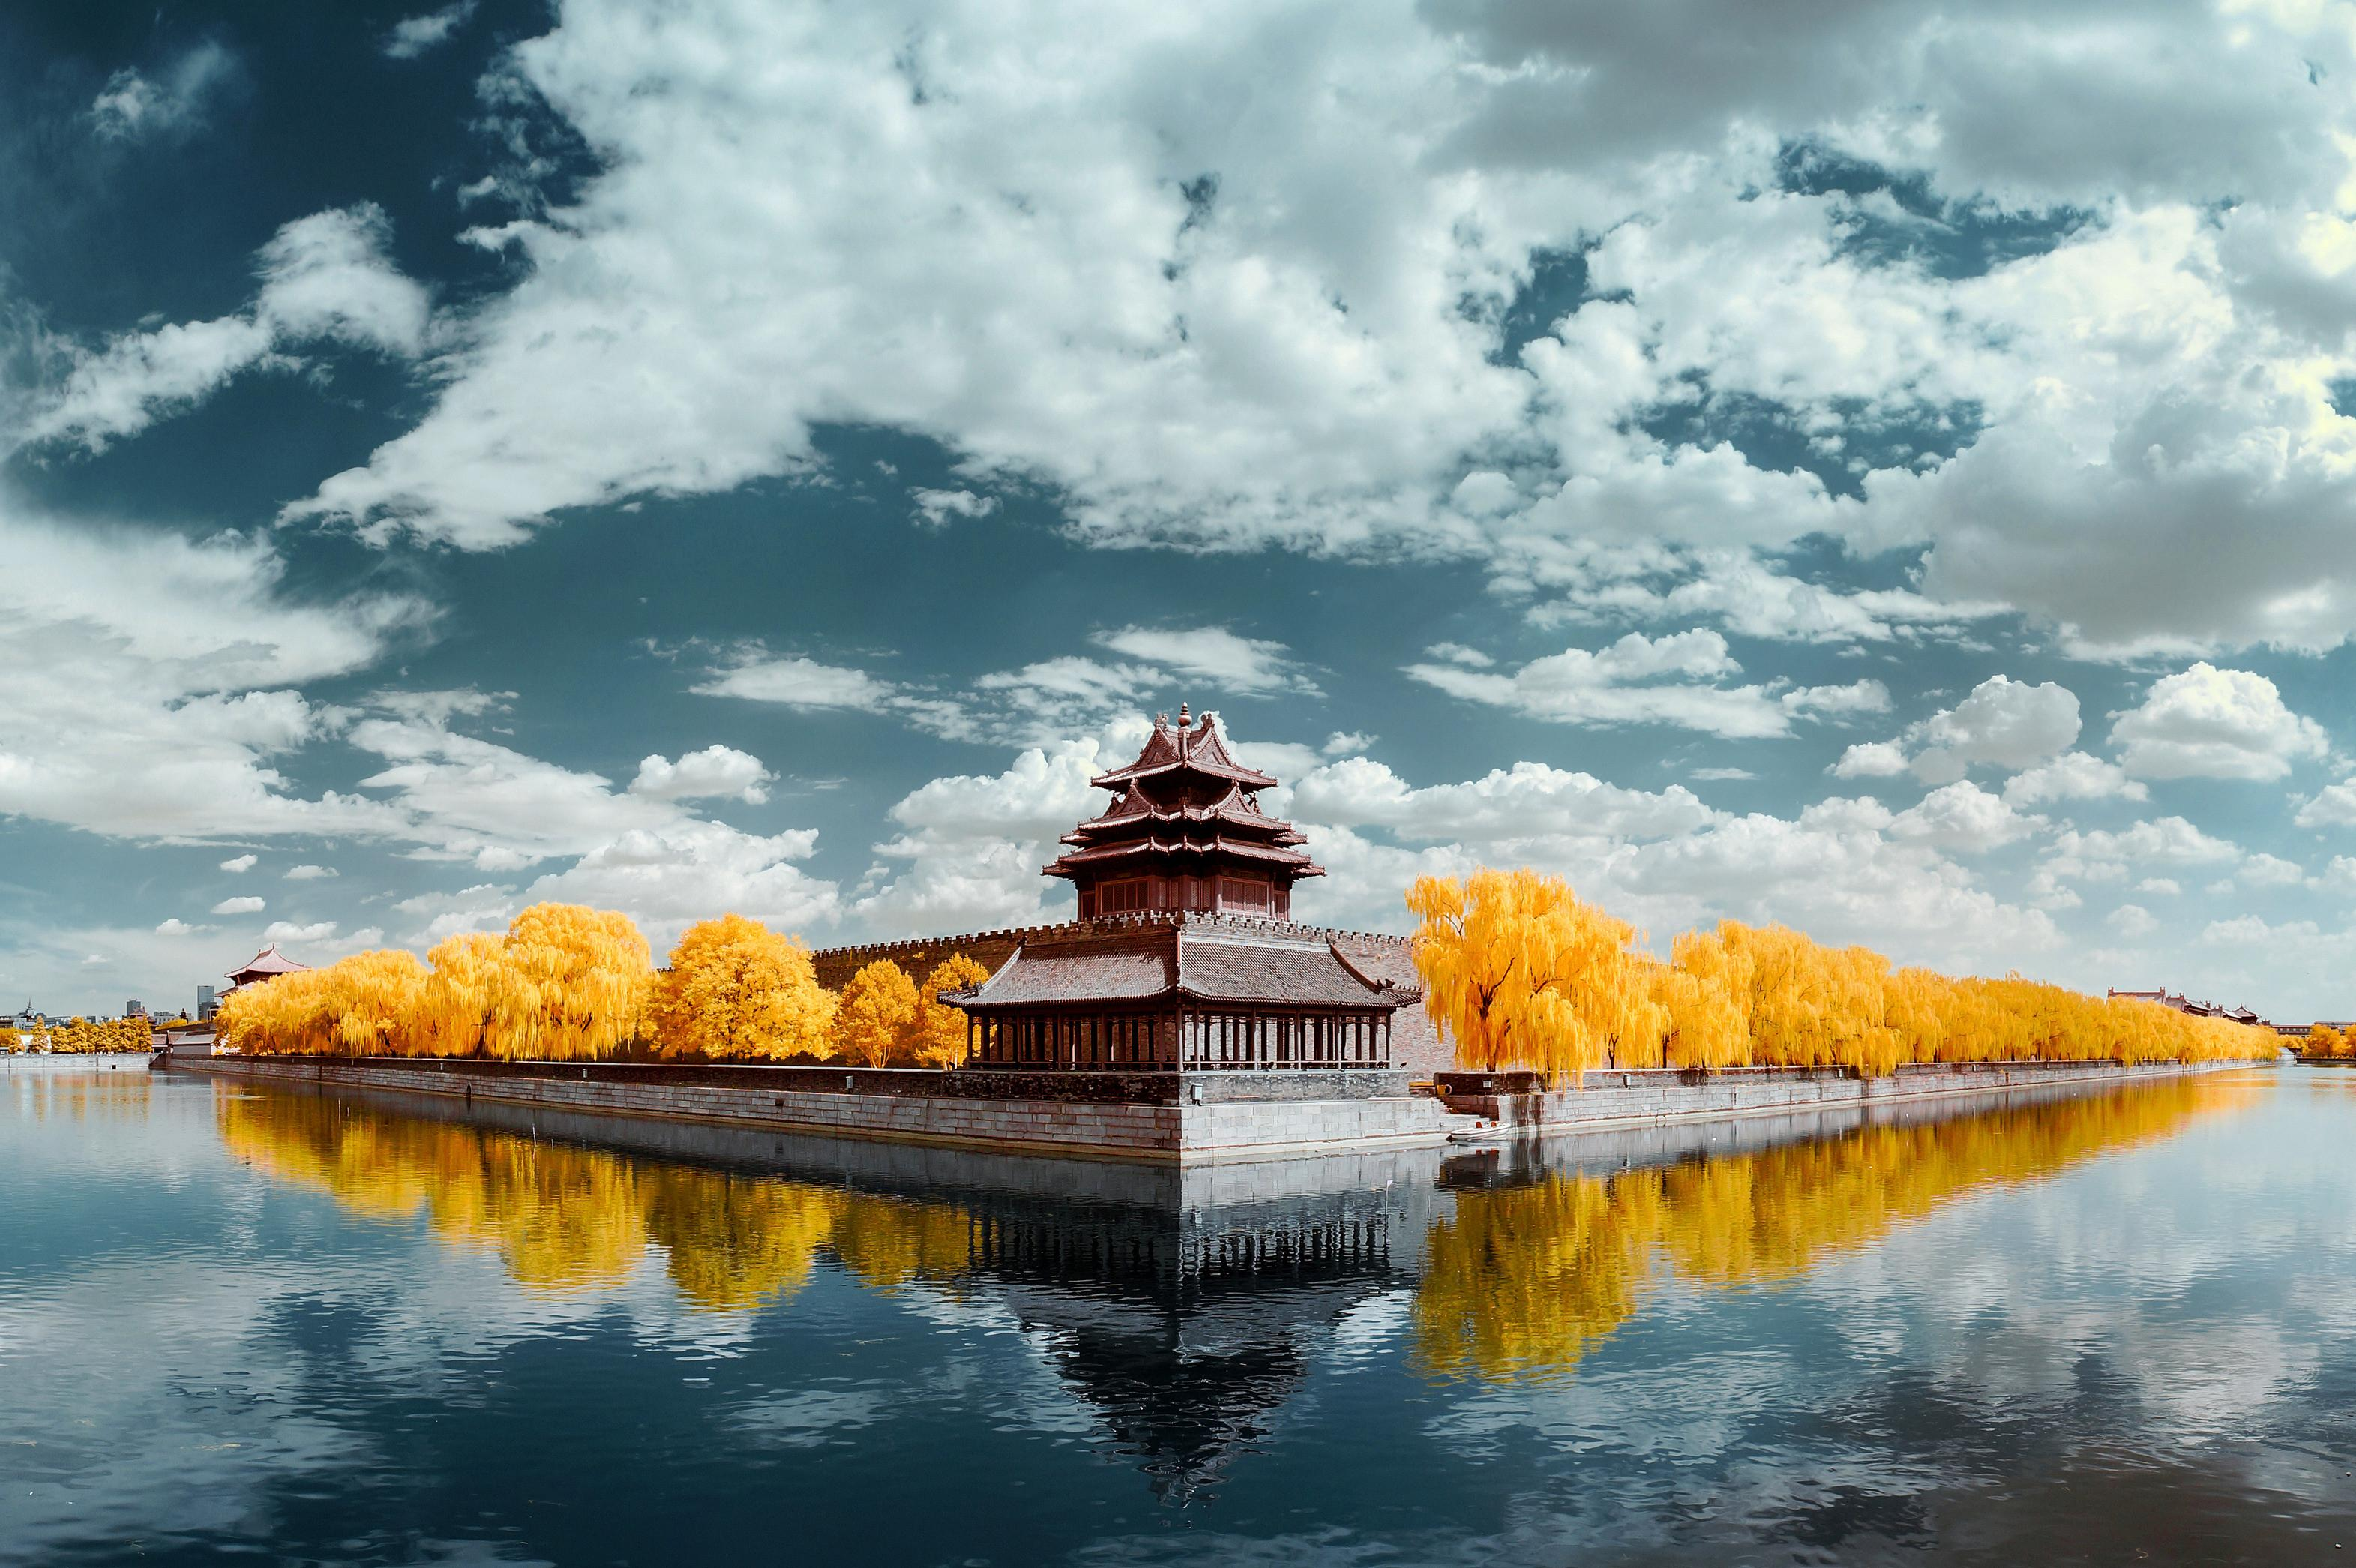 北京巴士5日当地游品牌连锁酒店,全程5顿正餐,特色全鸭宴,全家福记录幸福瞬间